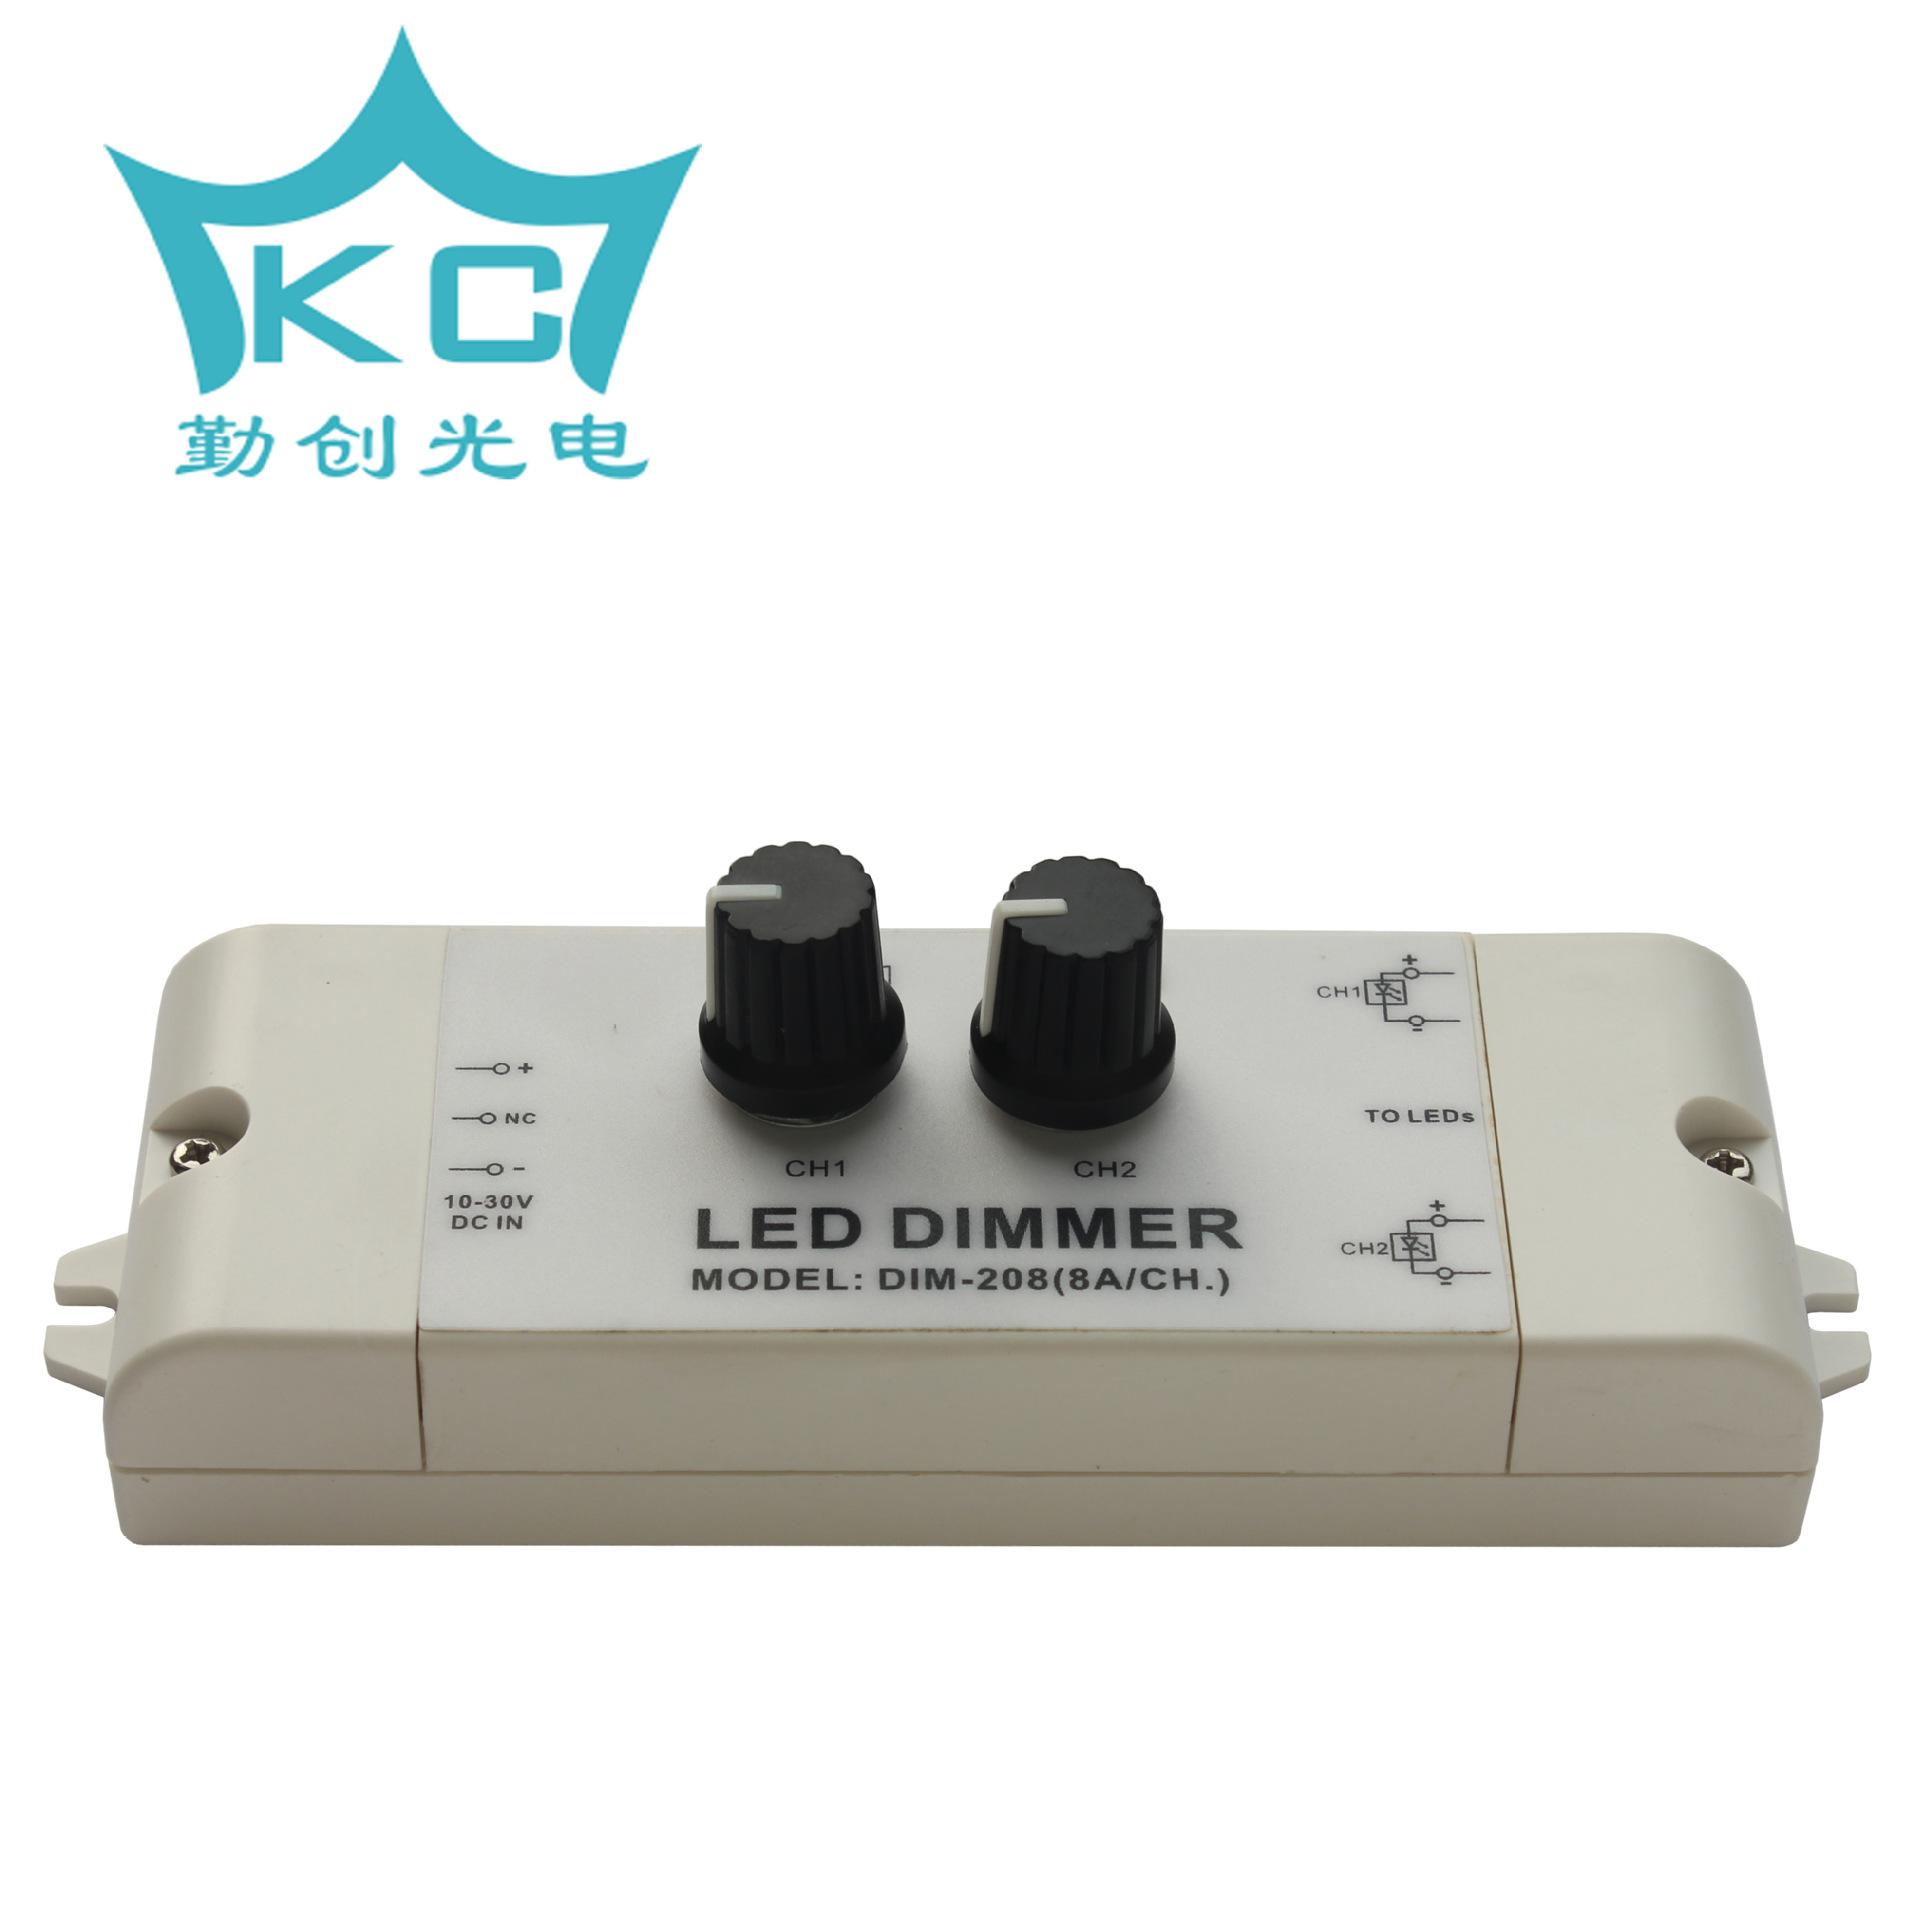 QINCHUANG Thiết bị điều chỉnh màu Qinchuang thương hiệu 2 cách DIM-208 làm mờ nhiệt độ màu LED dimme